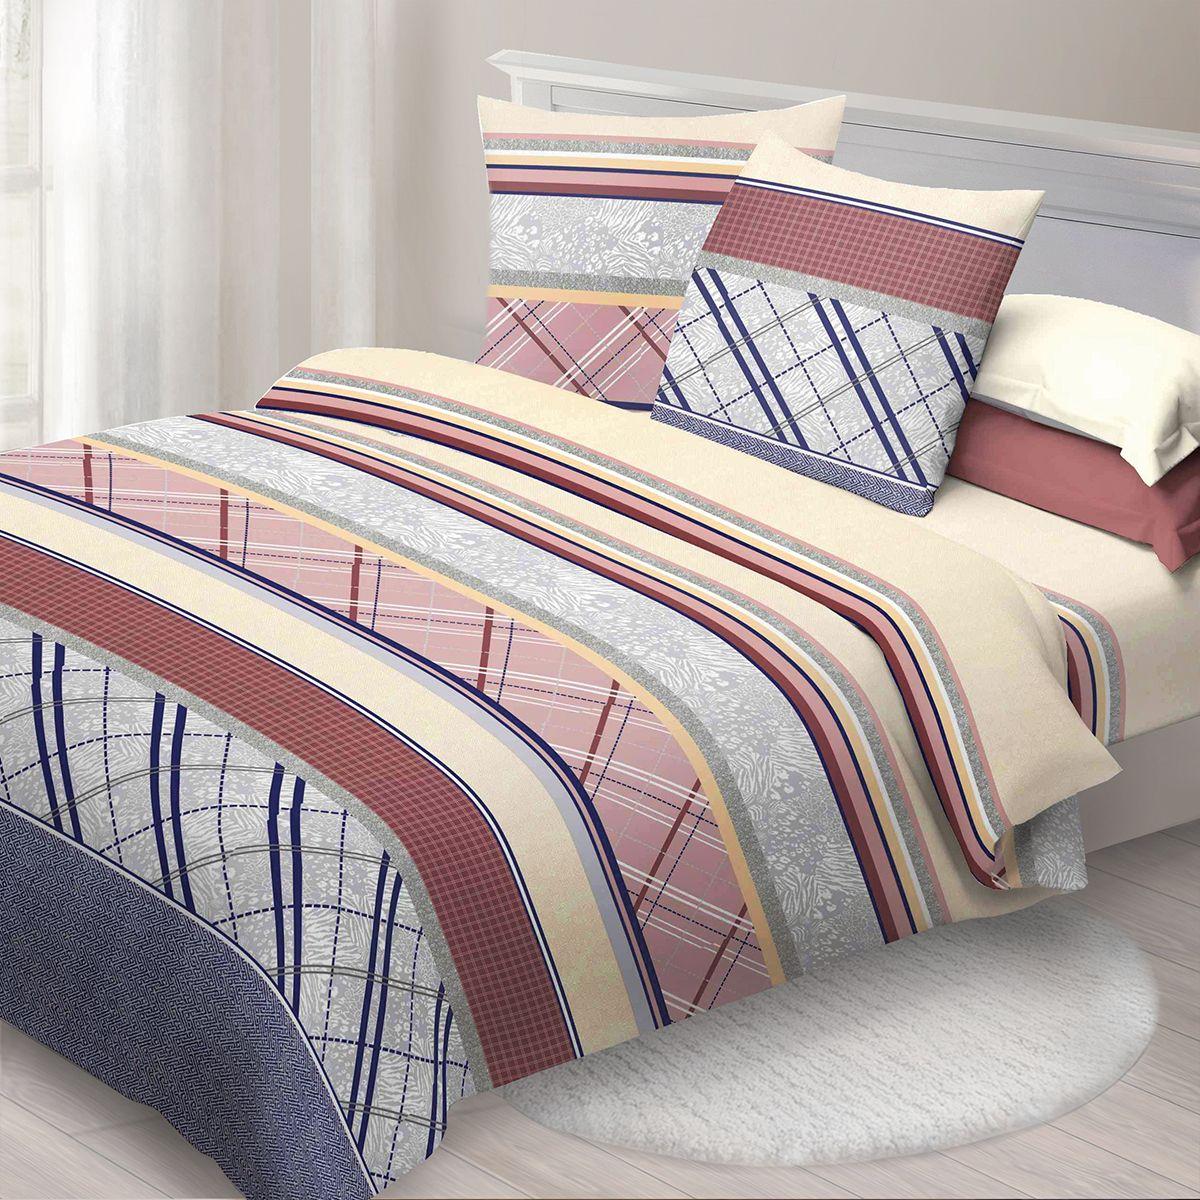 Комплект белья Спал Спалыч Форте, cемейный, наволочки 70x70, цвет: разноцветный